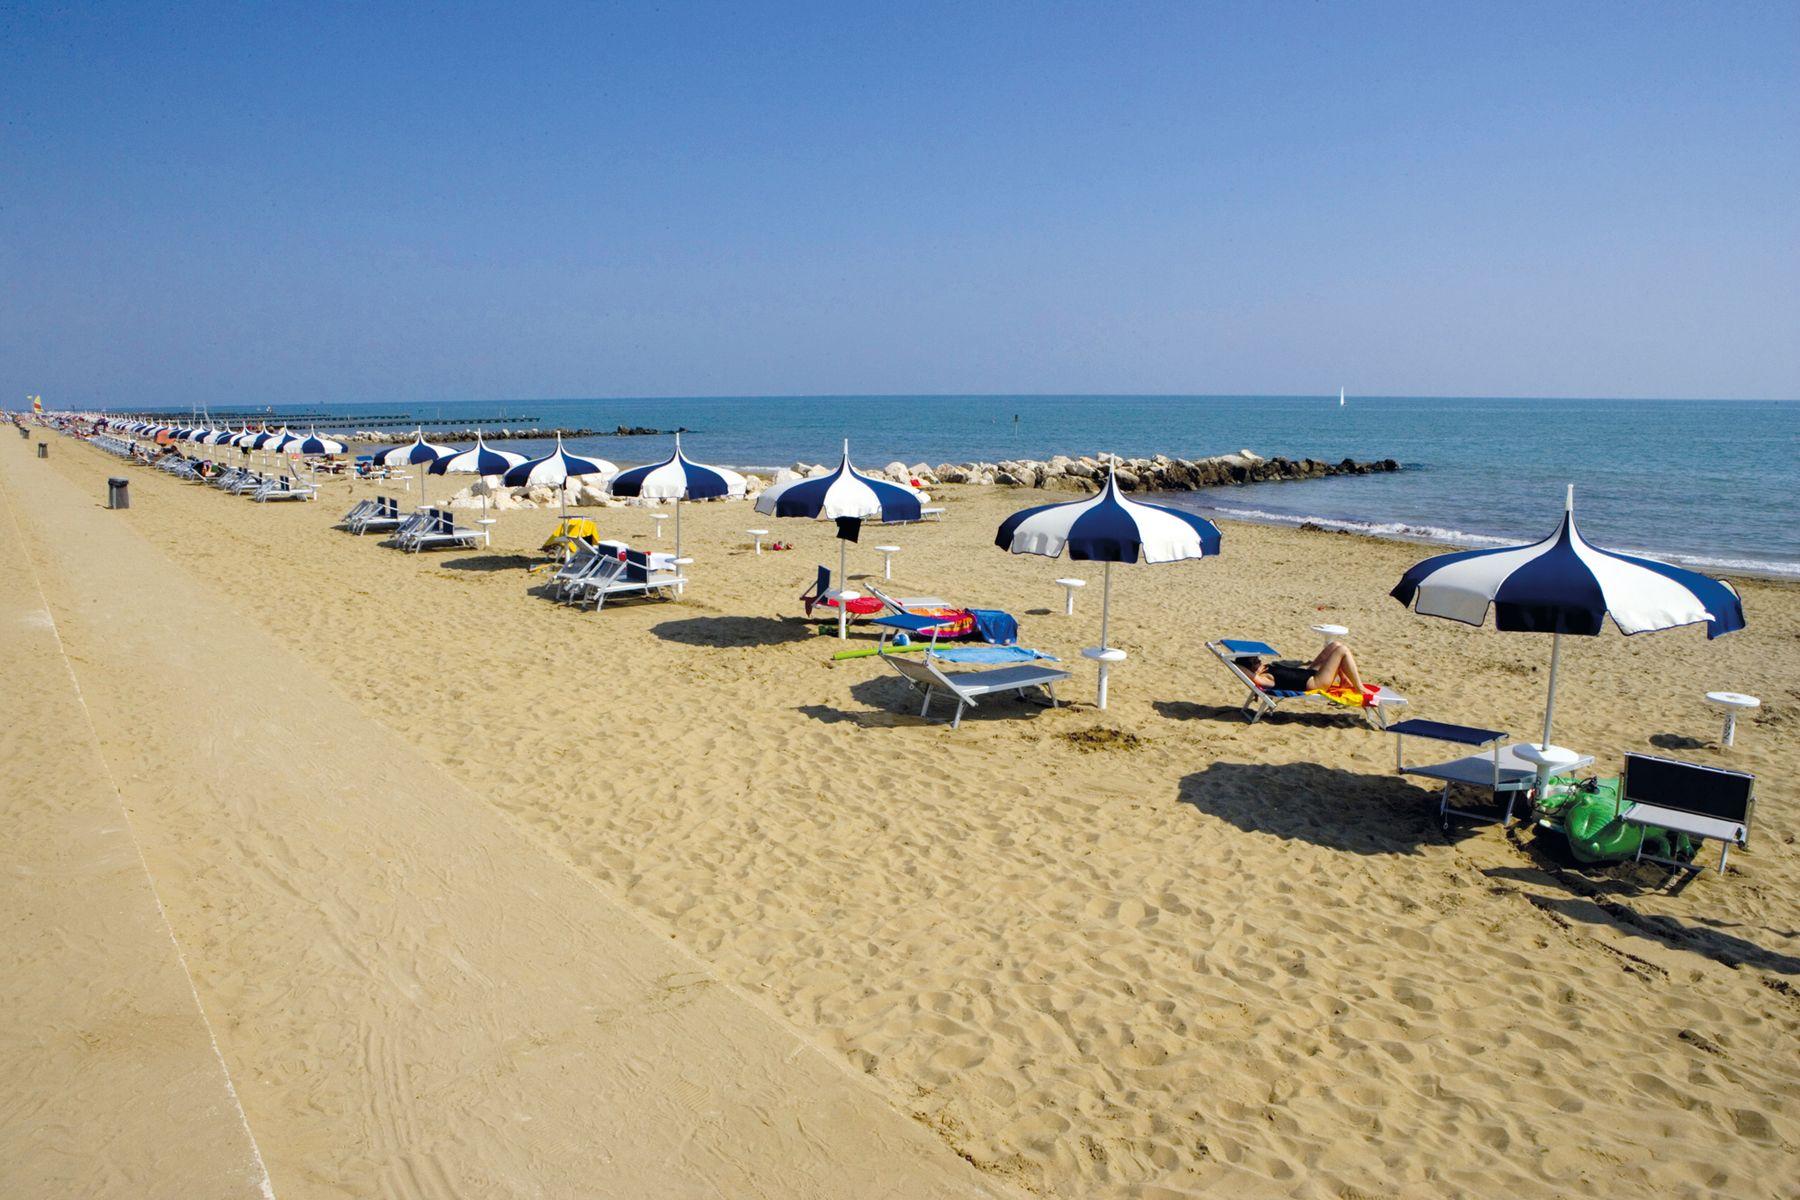 Caorle Spiaggia Venezia web 1